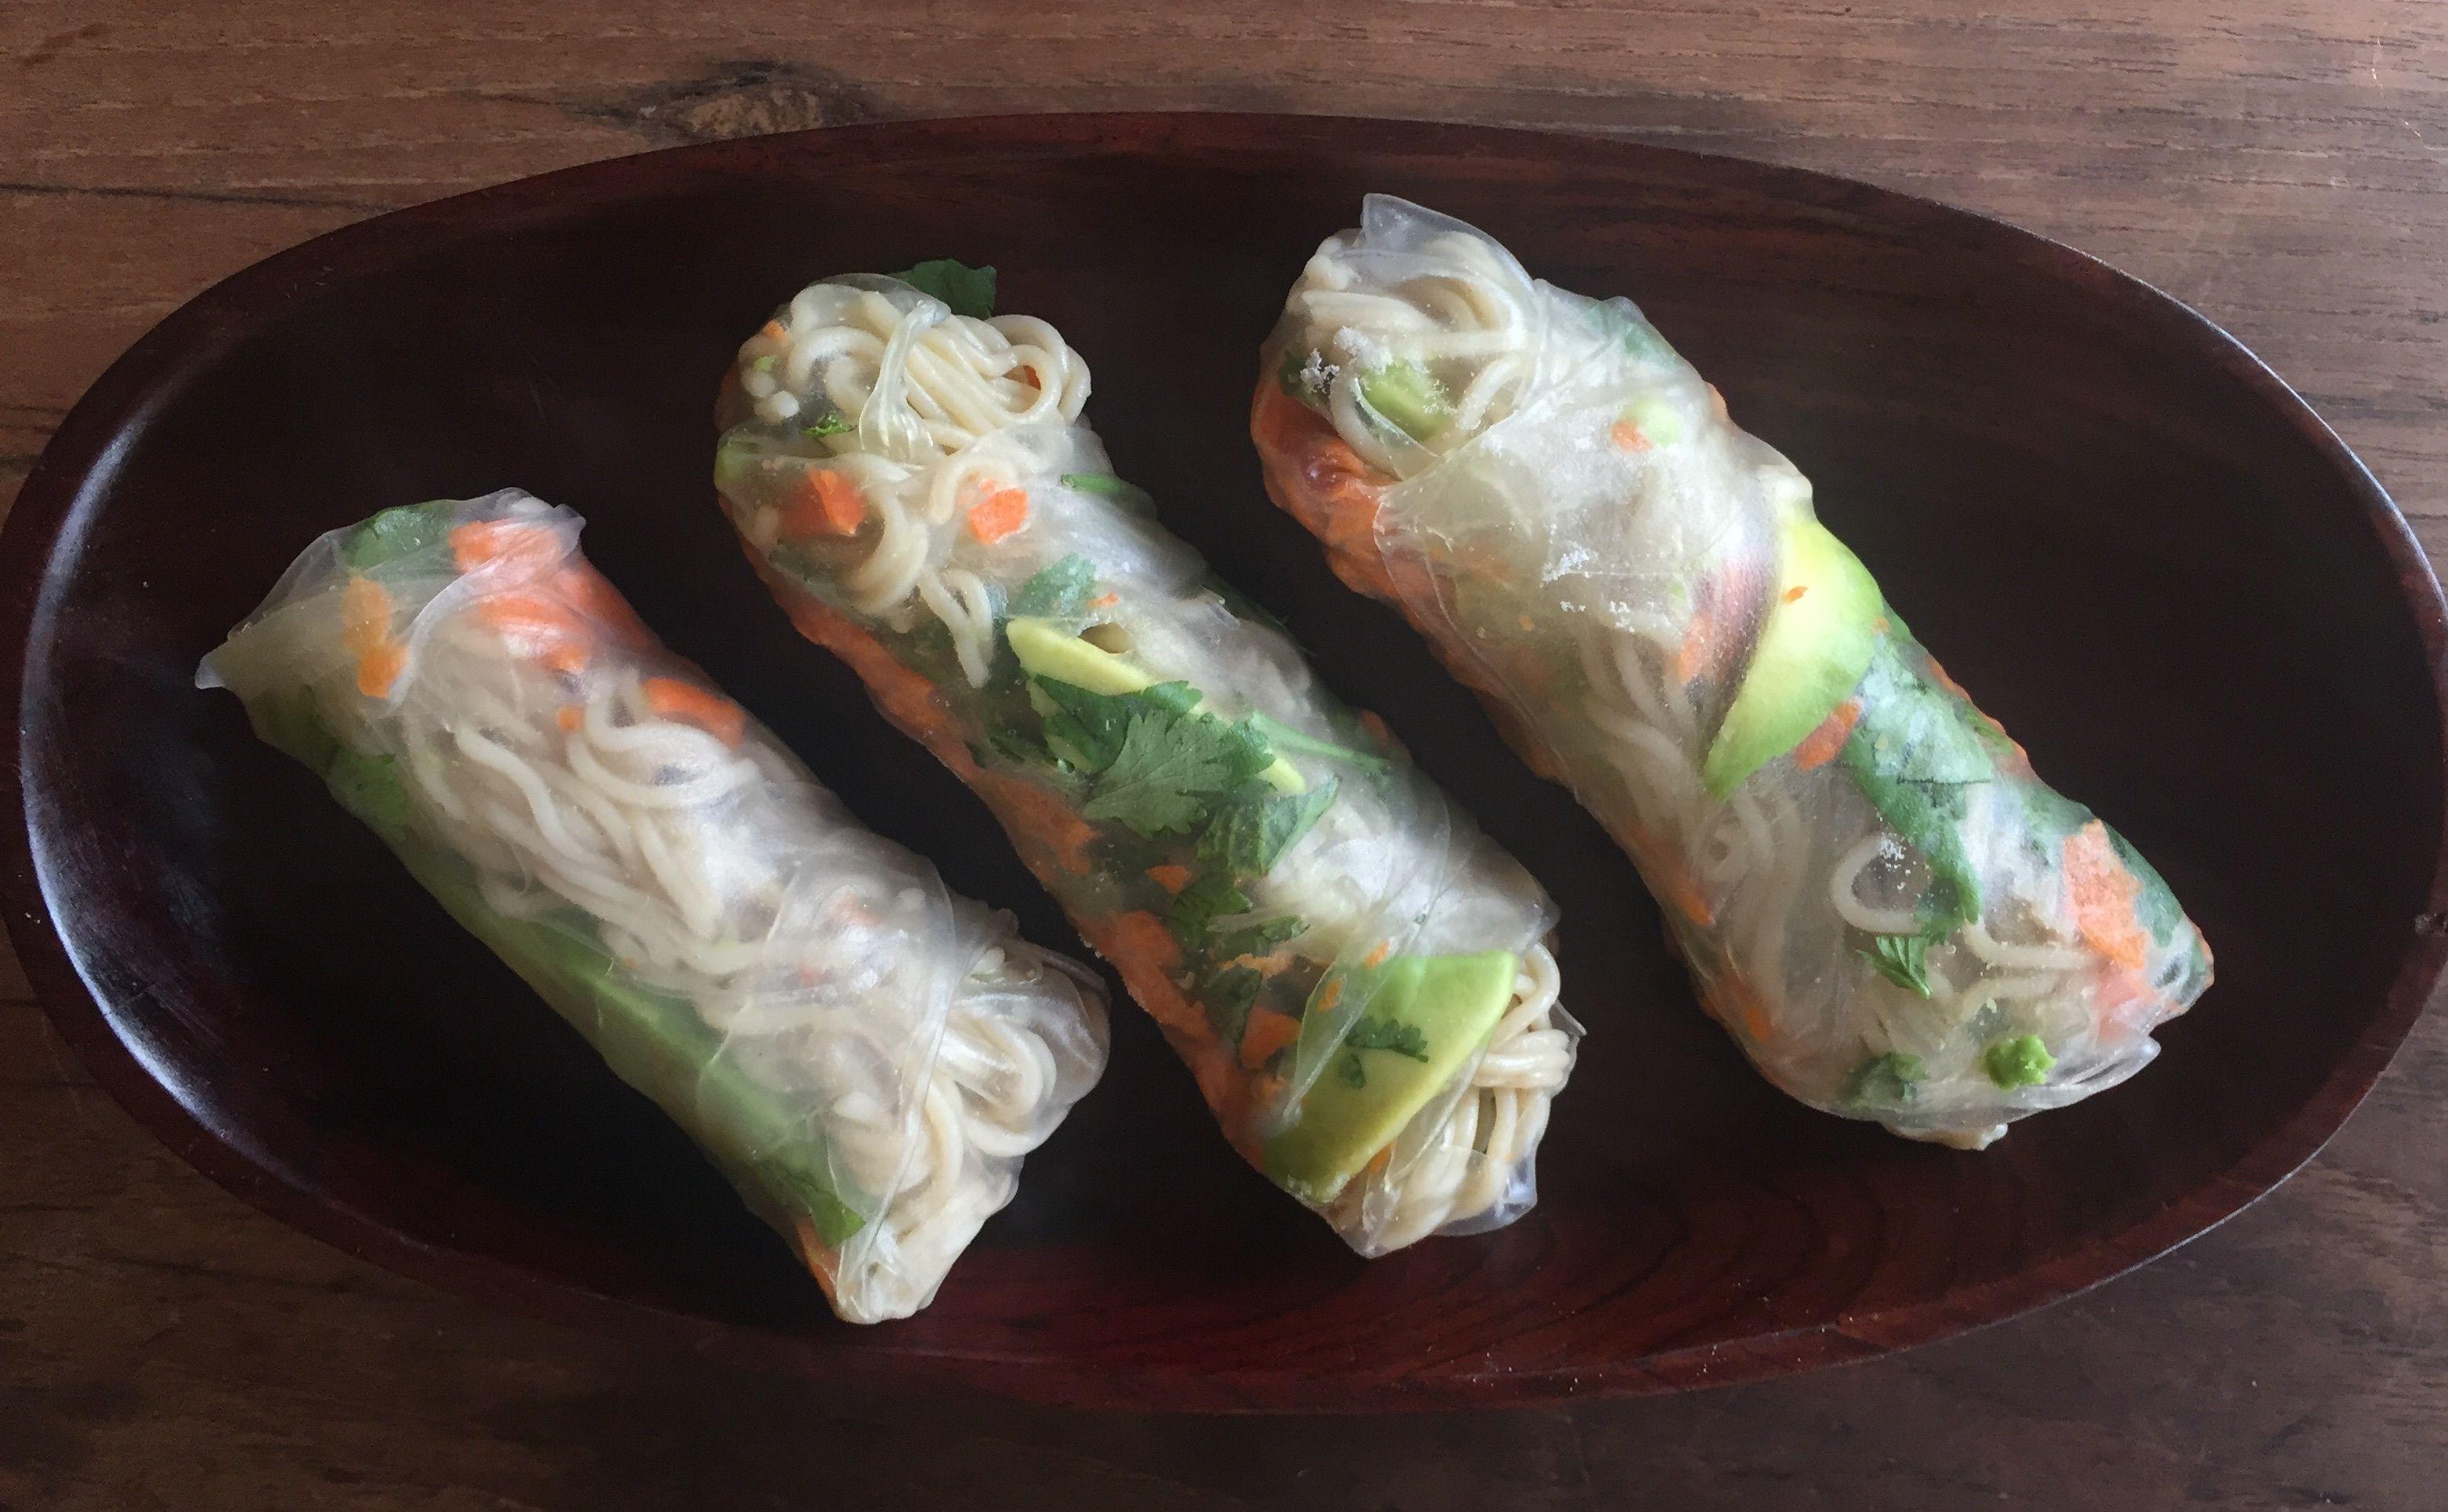 Forbidden rice ramen spring rolls spring rolls lotus